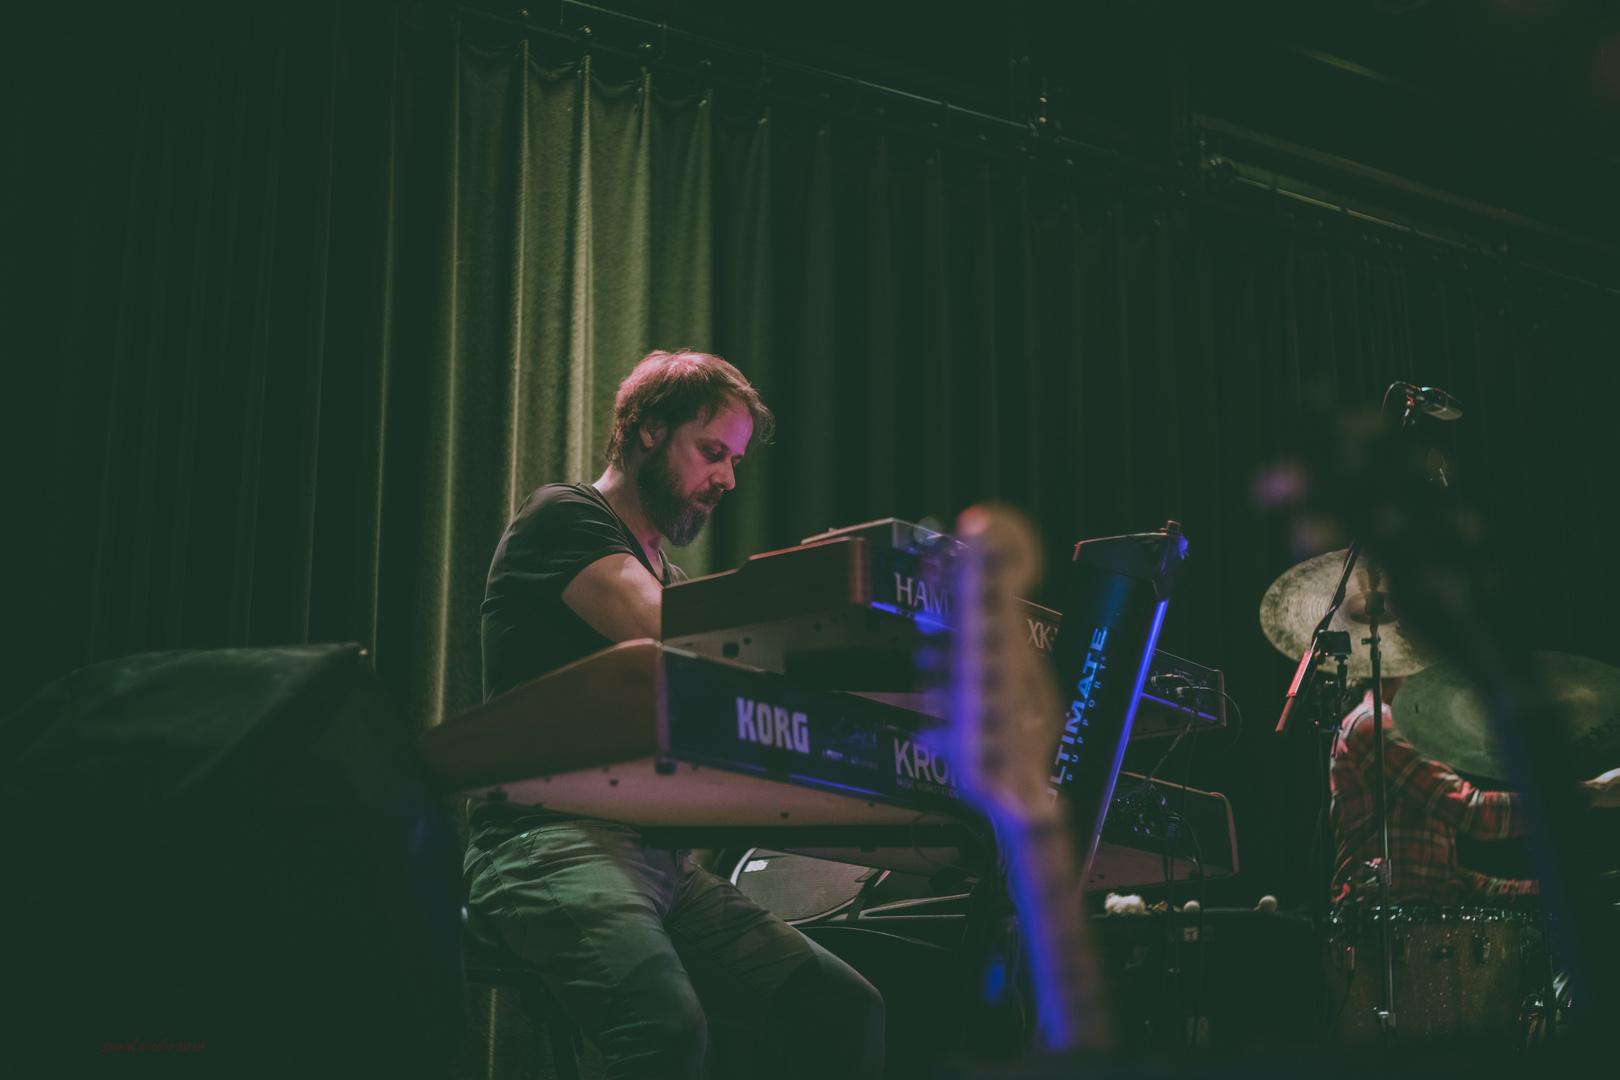 Matthias Krauss - Keyboard